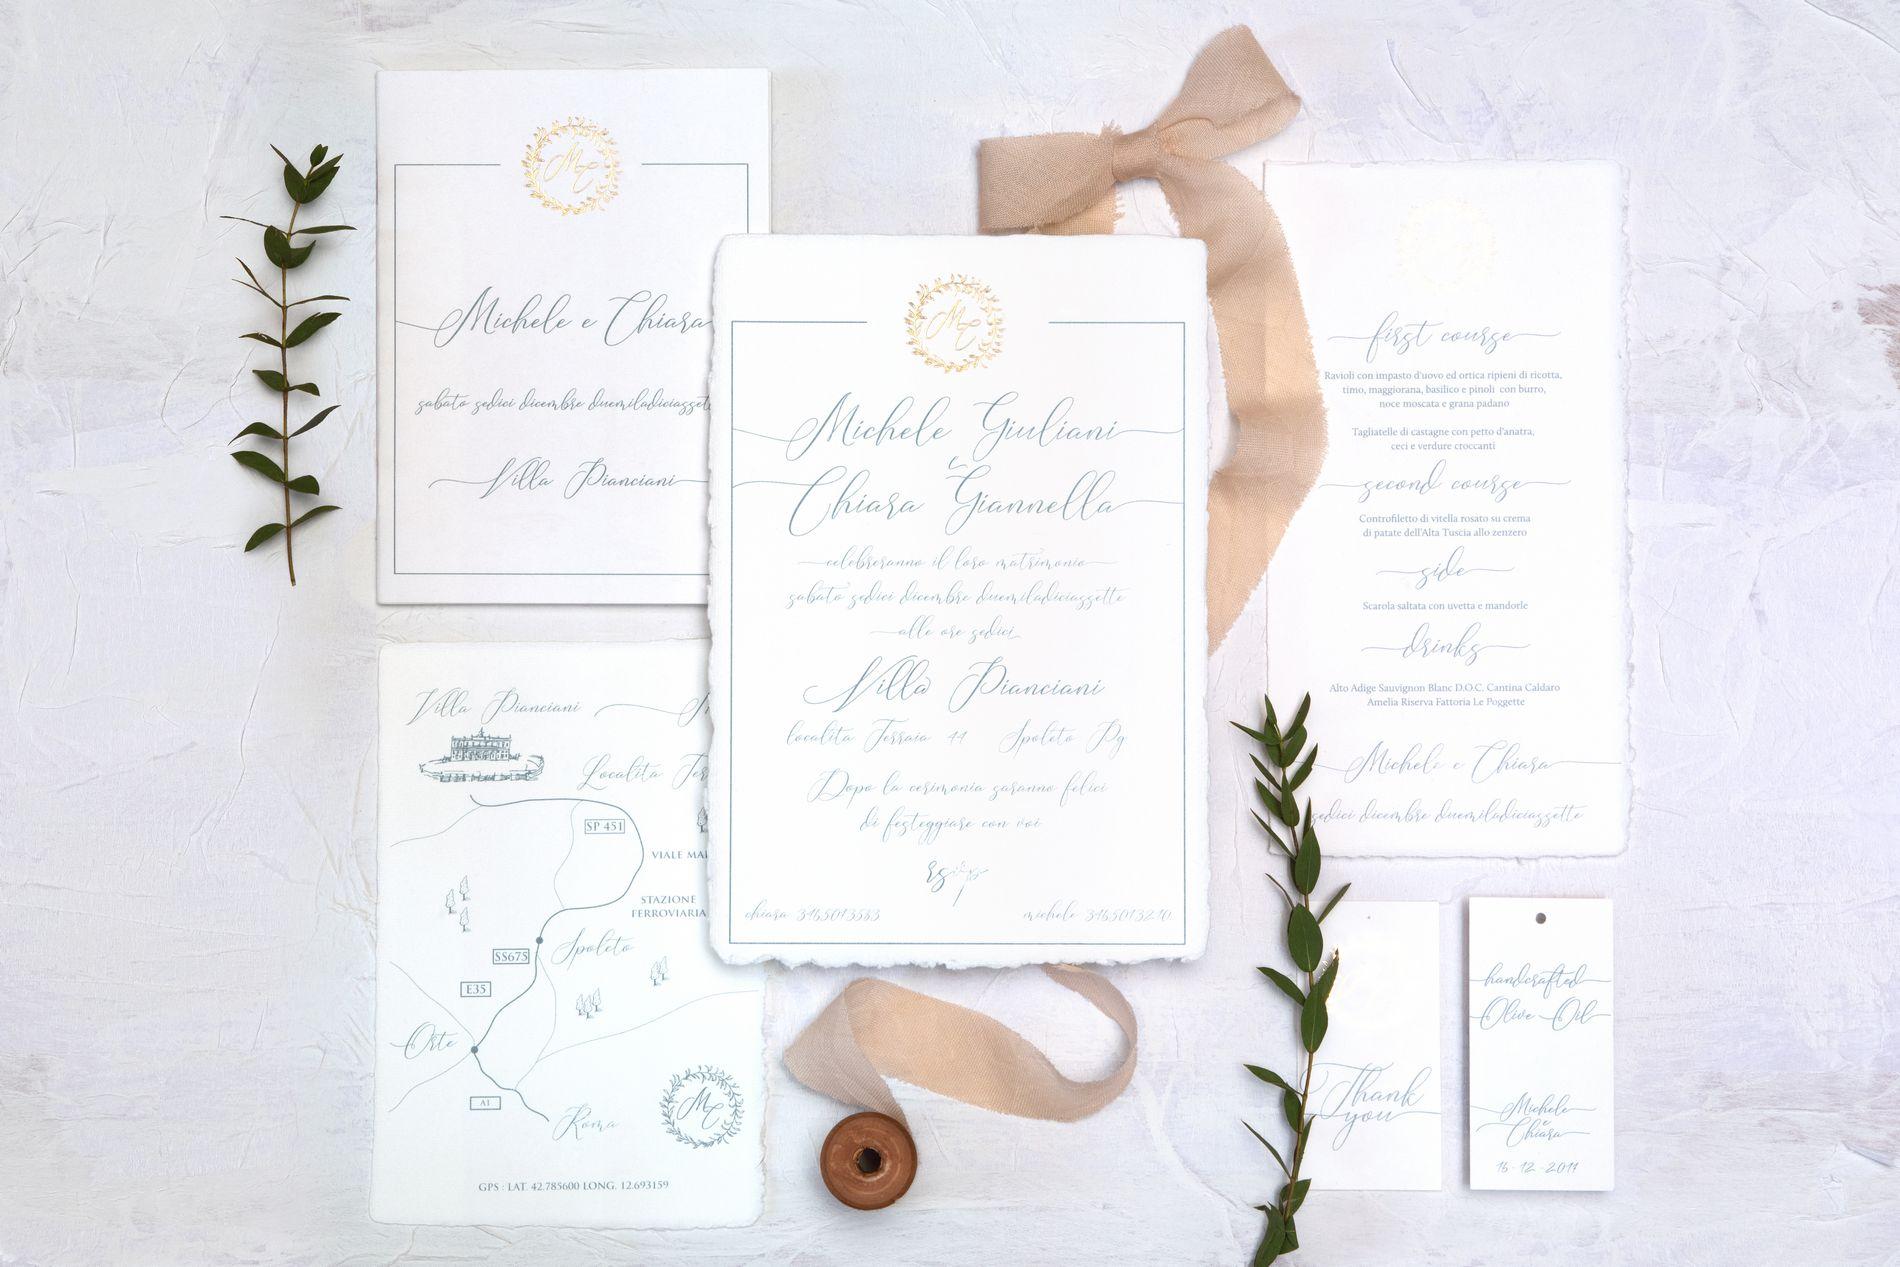 Nostroinchiostro – Wedding Michele e Chiara – 5